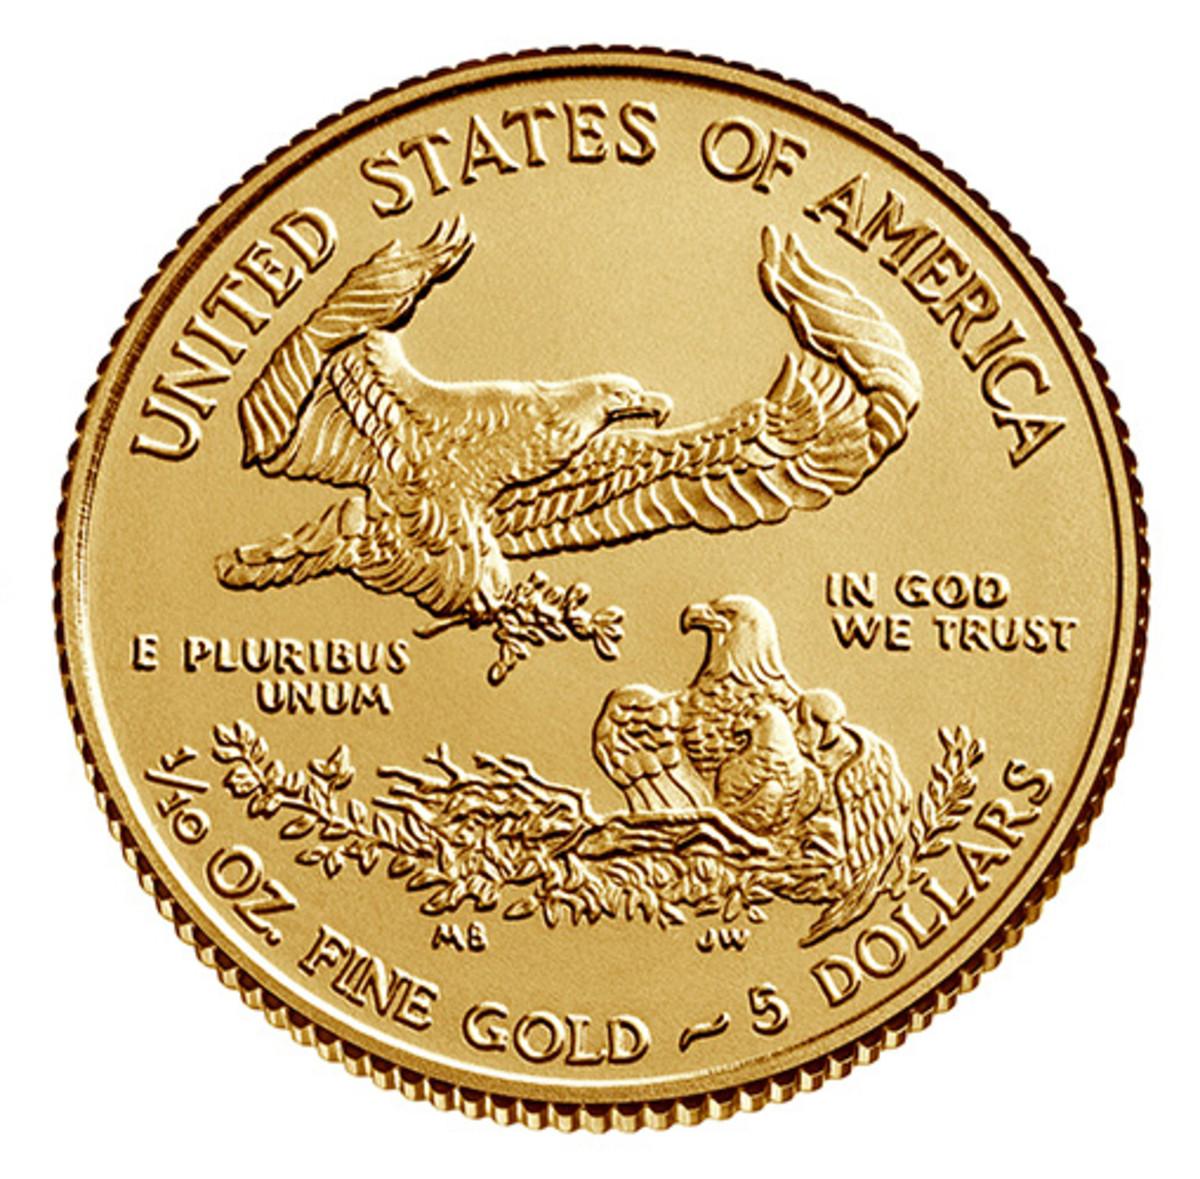 (Image courtesy usacoinbook.com.)